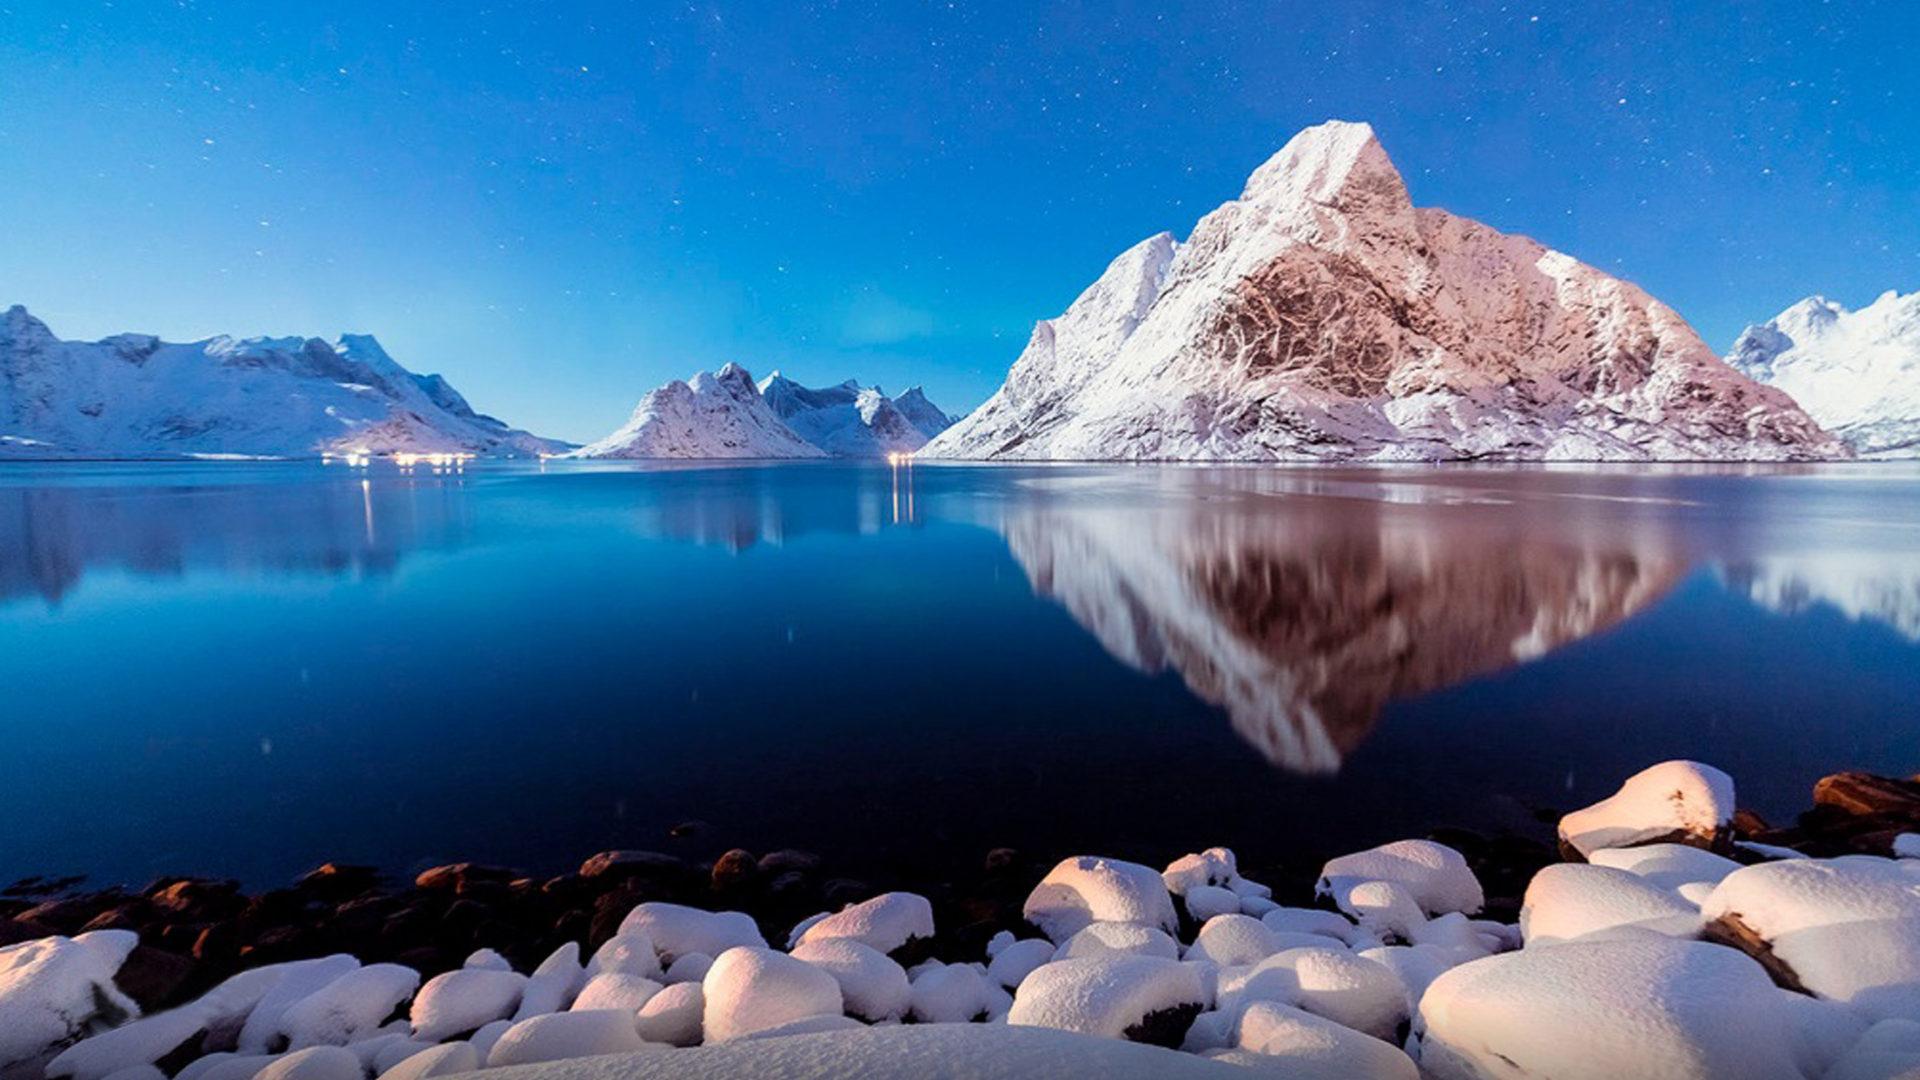 Blue Landscape Stones